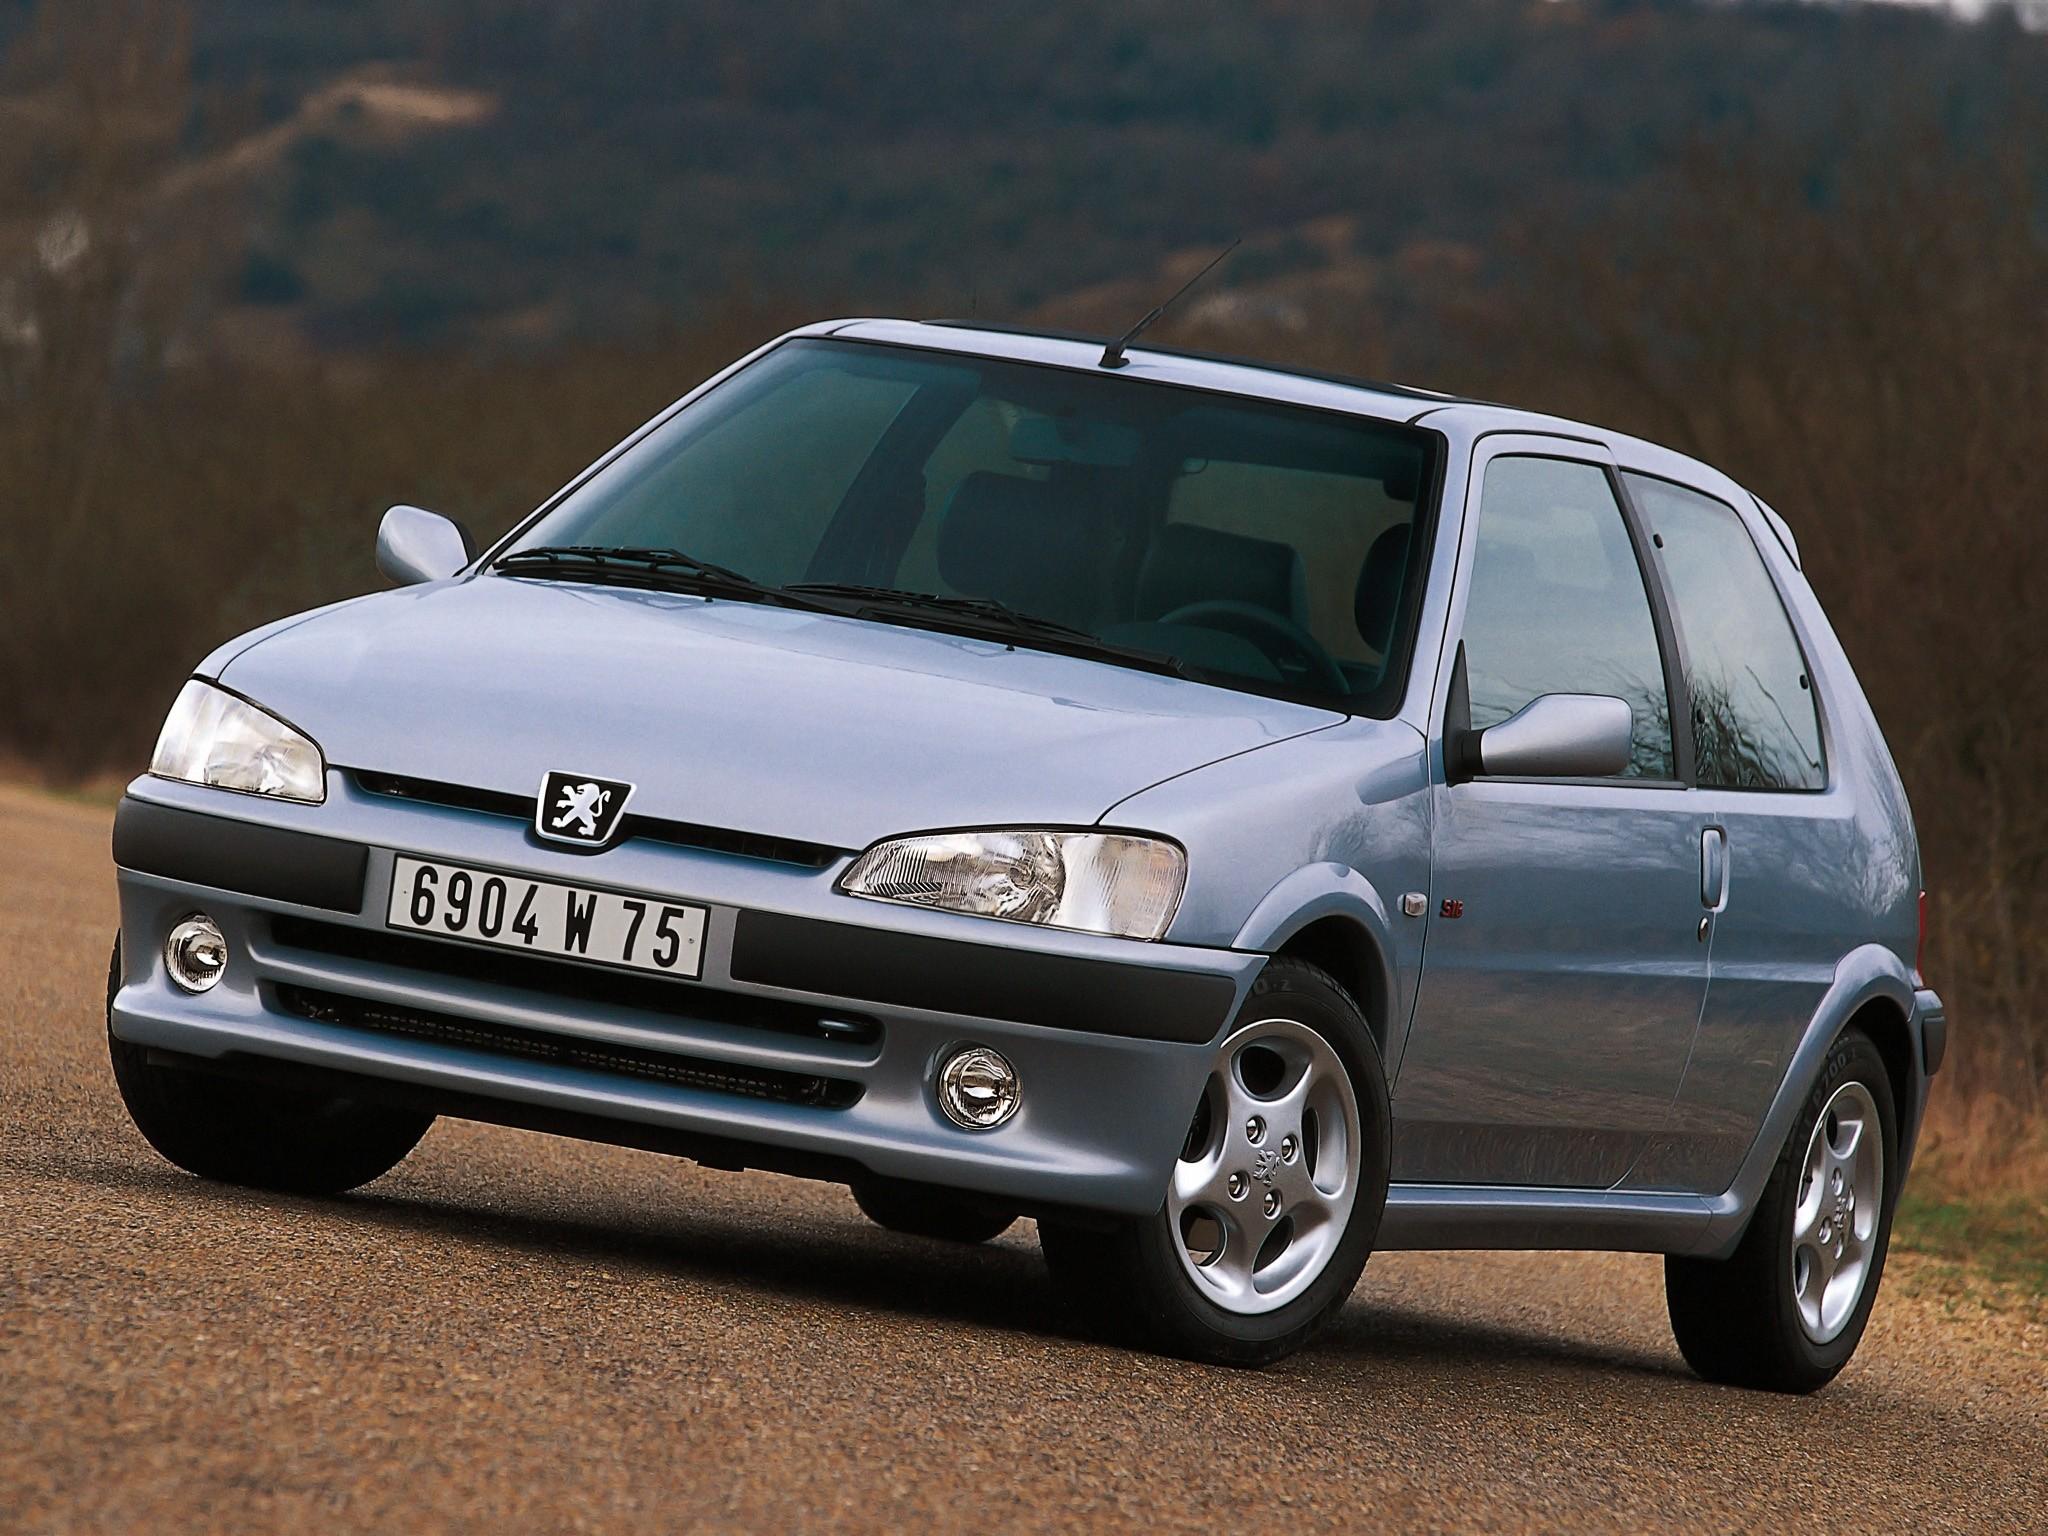 A1 Auto Sales >> PEUGEOT 106 specs & photos - 1996, 1997, 1998, 1999, 2000, 2001, 2002, 2003 - autoevolution